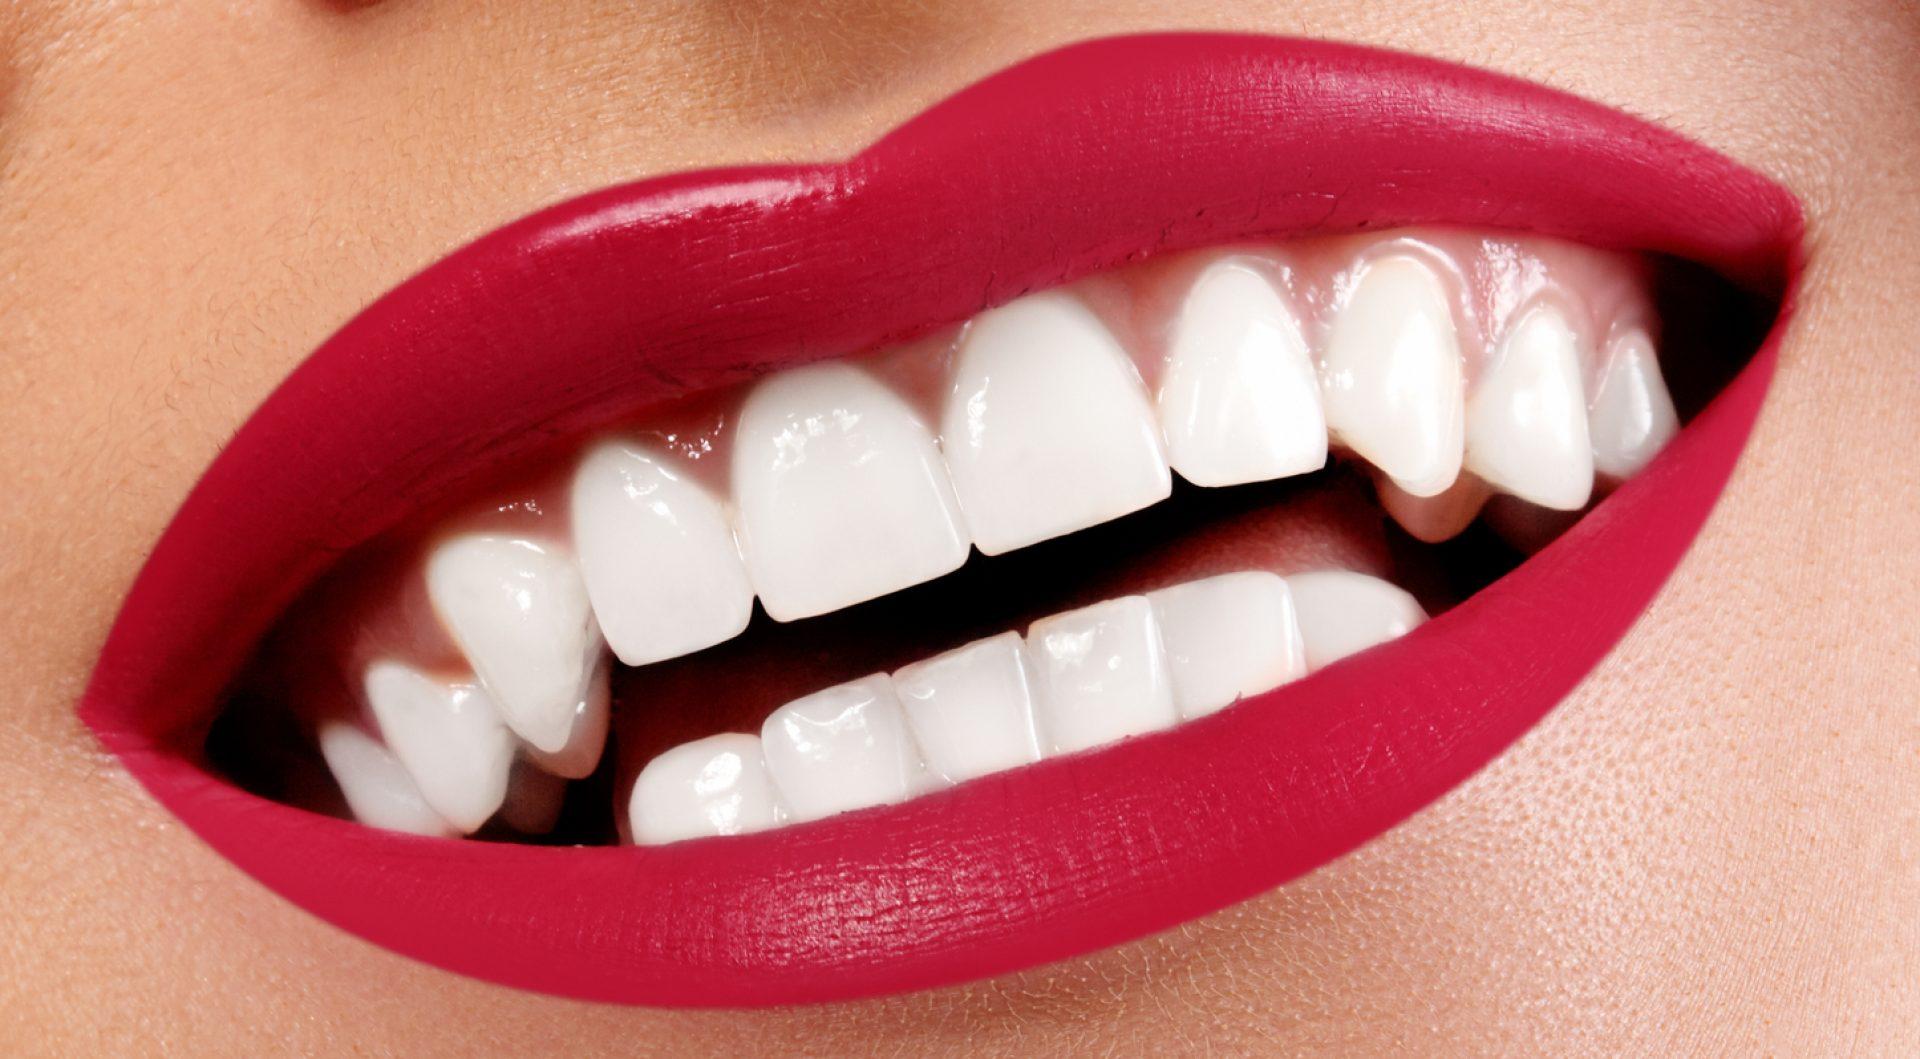 Red Sky Dental Spa